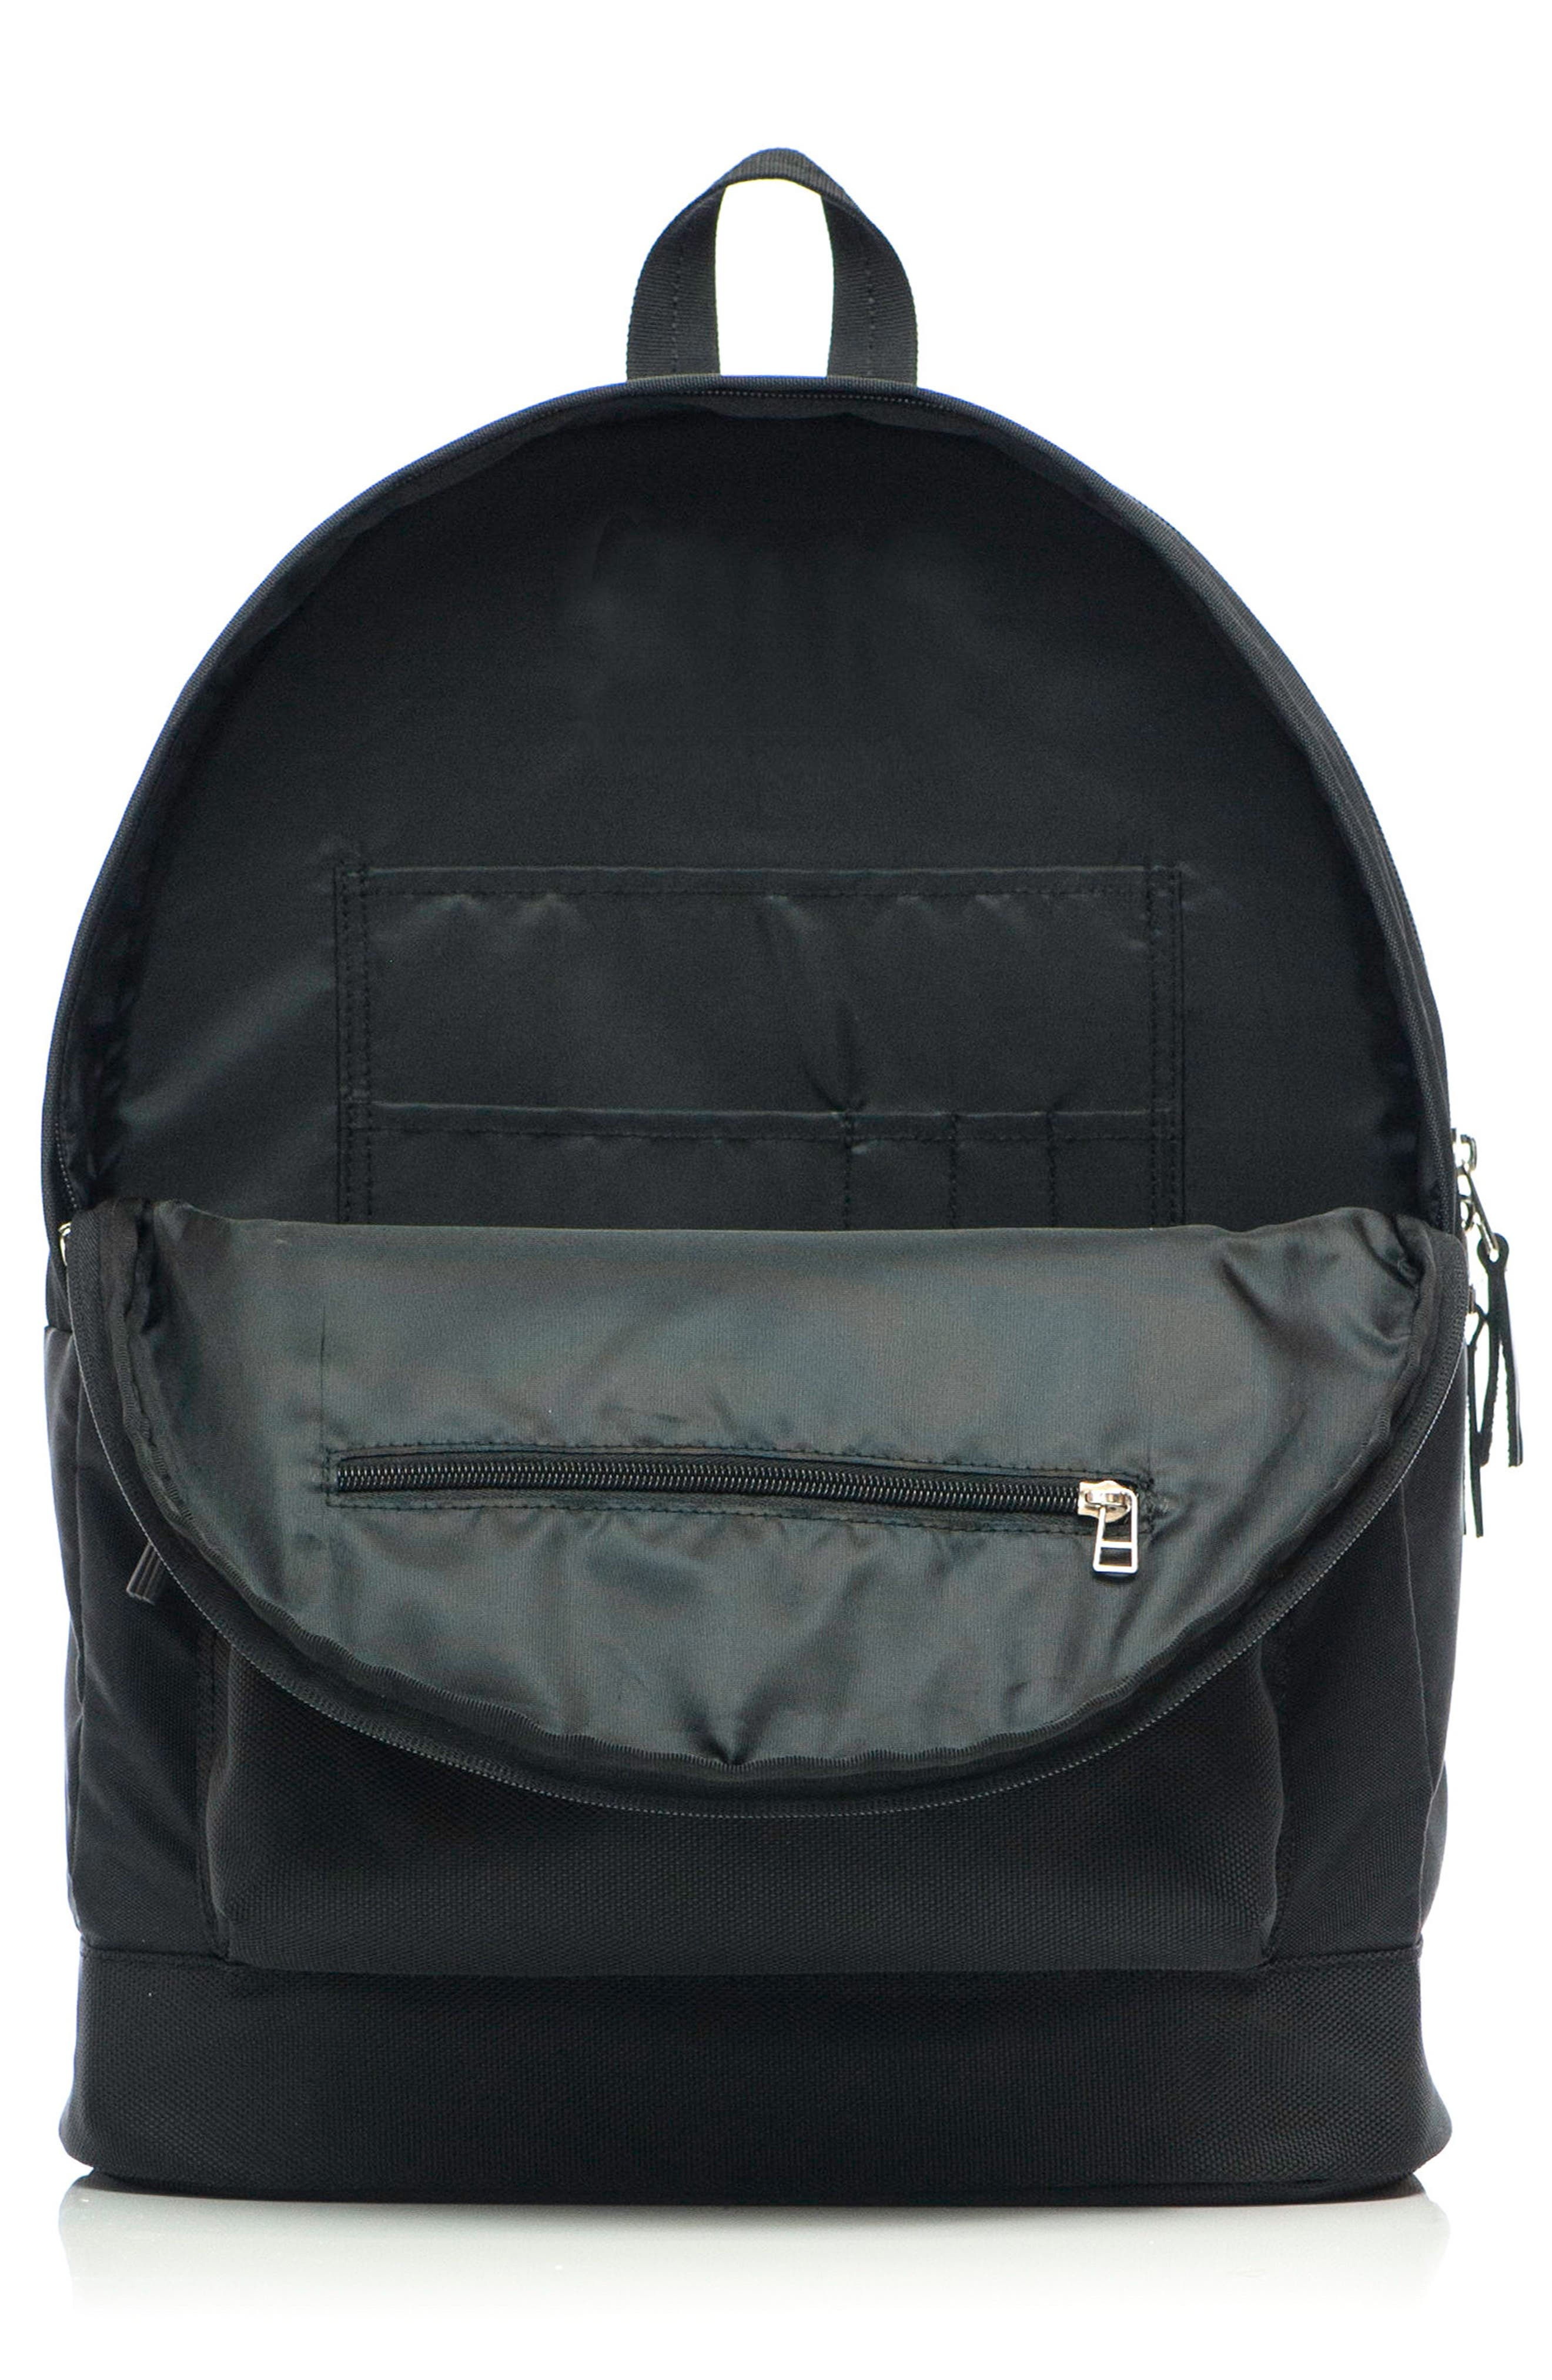 Lancer Backpack,                             Alternate thumbnail 3, color,